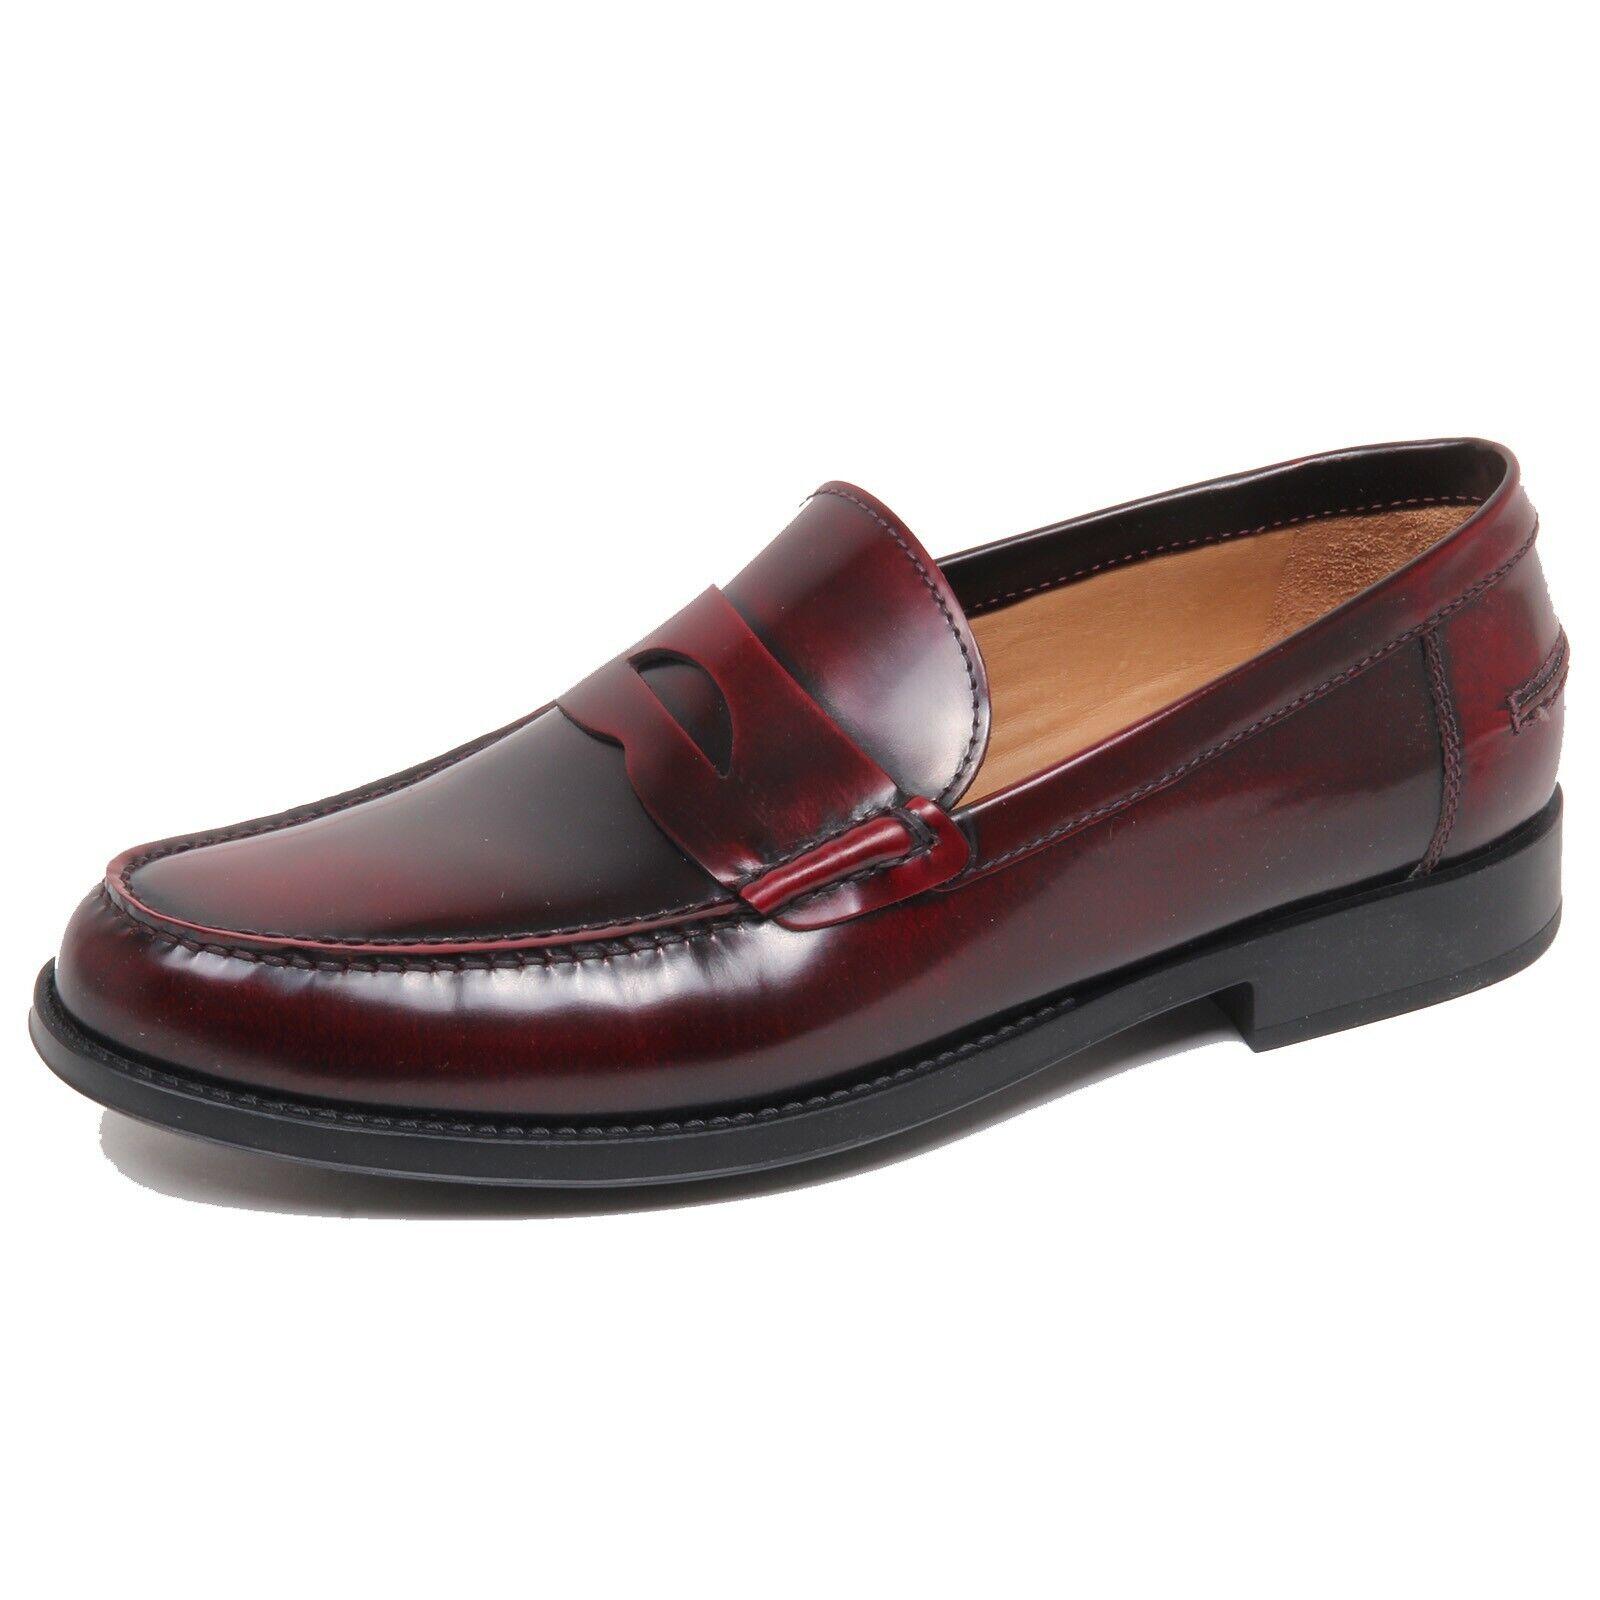 F5156 mocassino hombres Burdeos ALTIERI MILANO zapatos Zapato Mocasín hombre